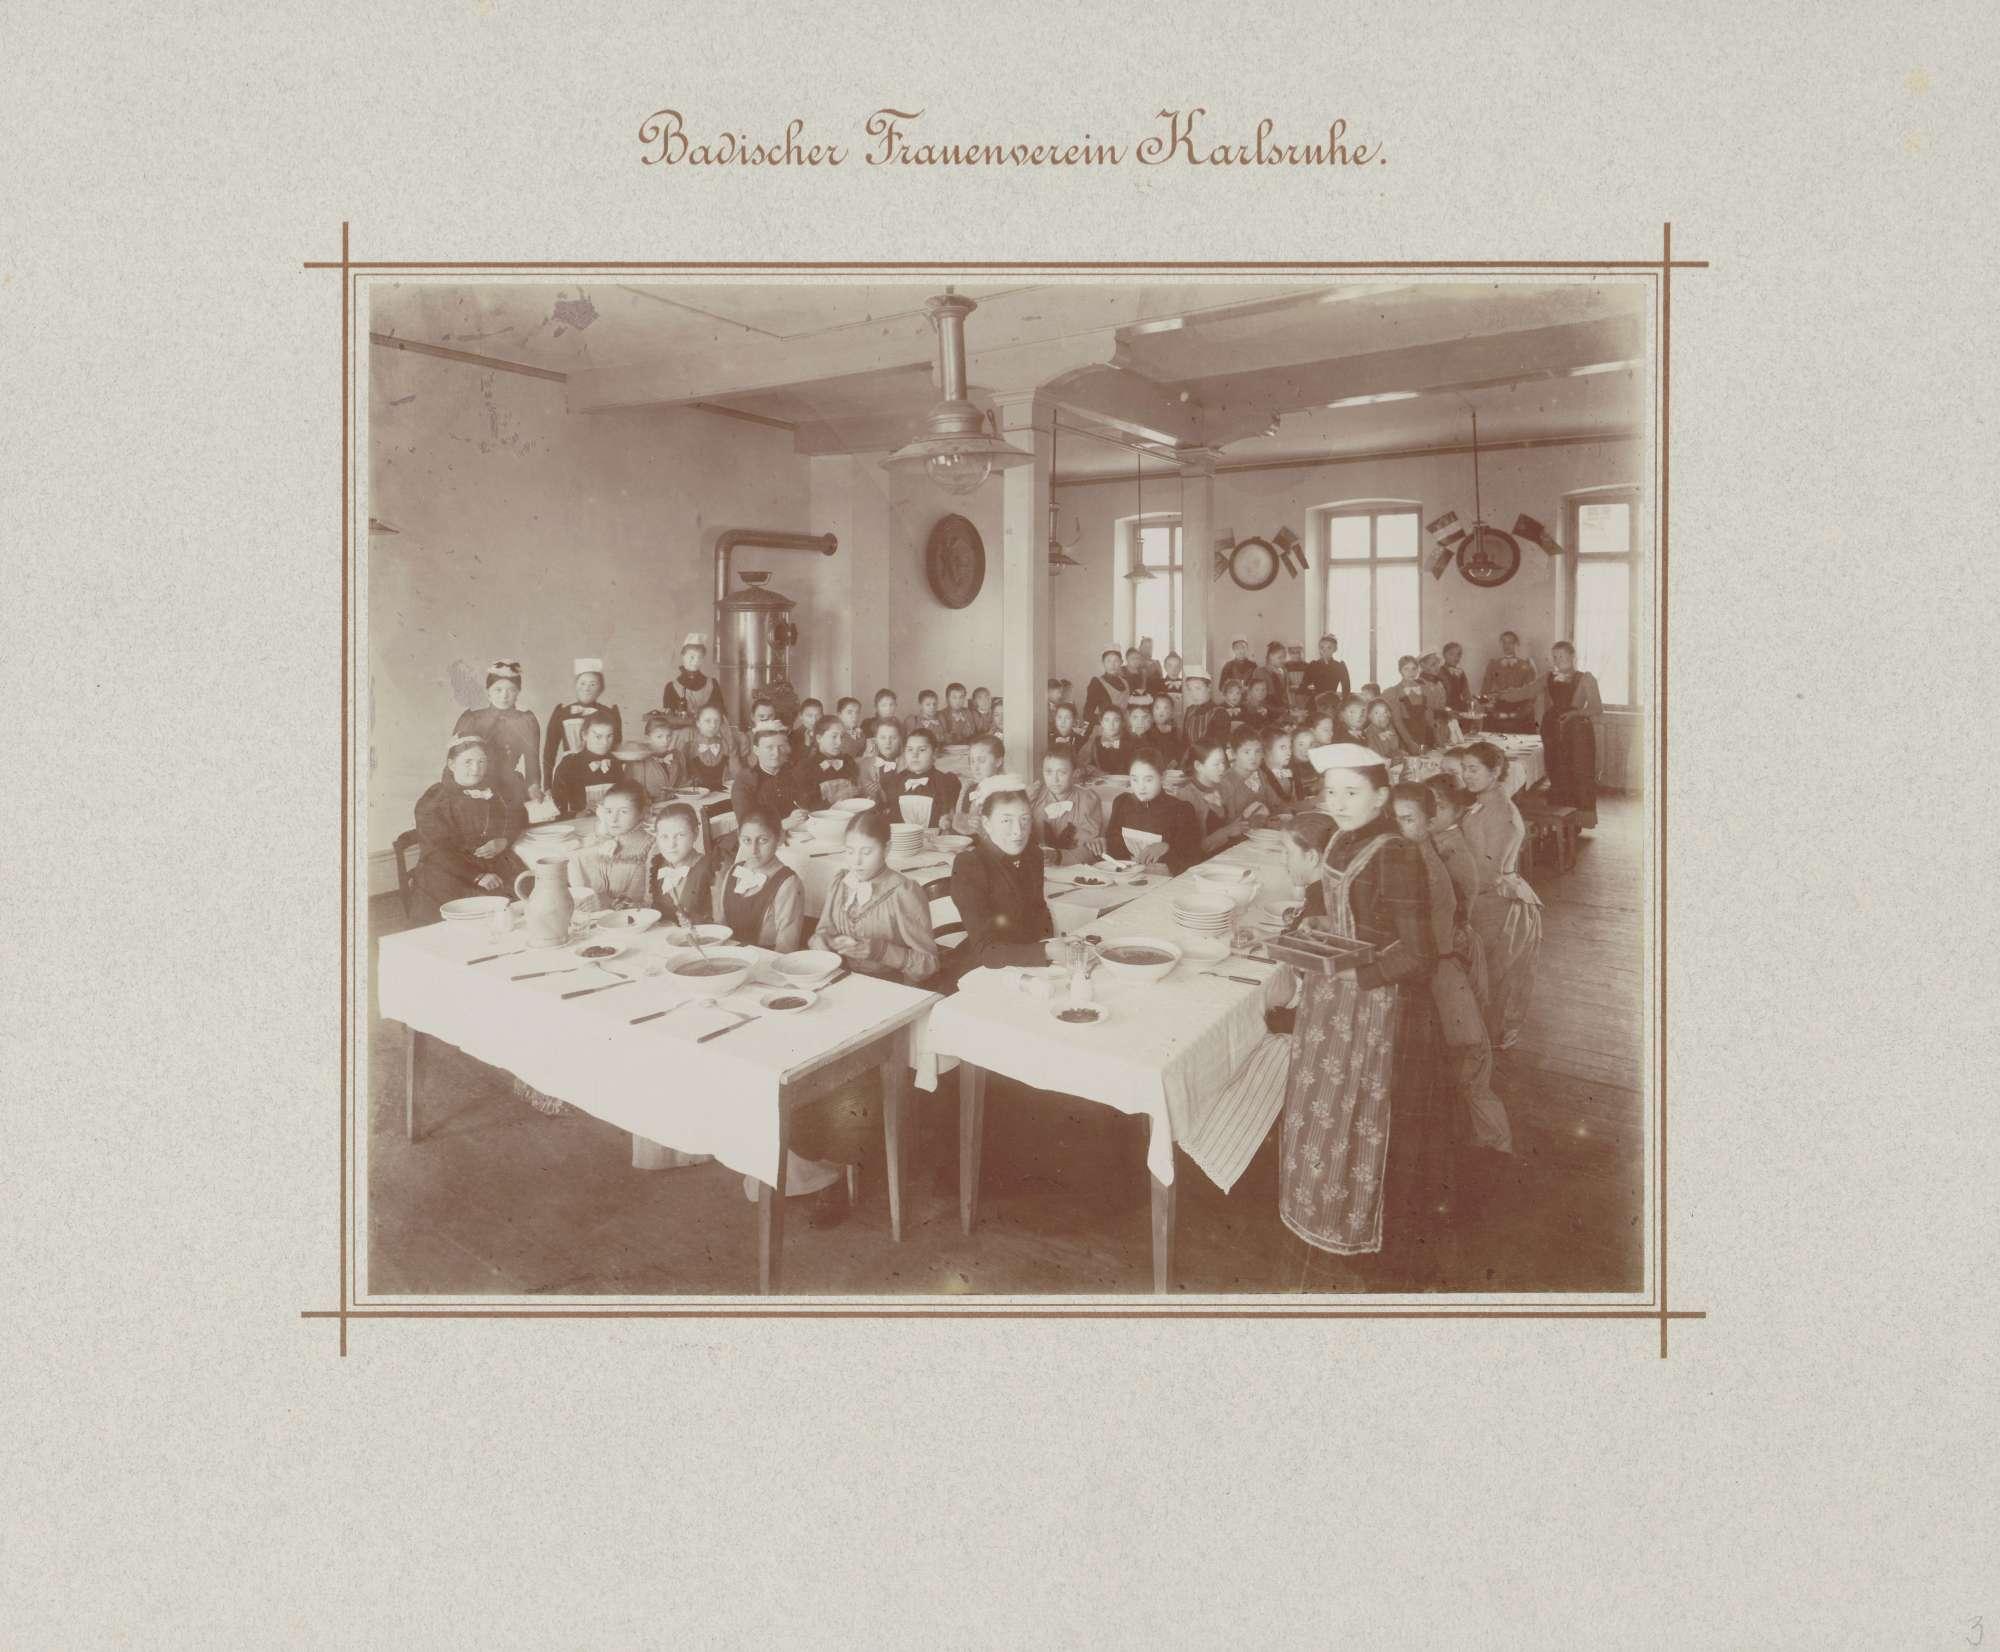 Speisesaal in einem der Häuser des Badischen Frauenvereins in Karlsruhe, Bild 1